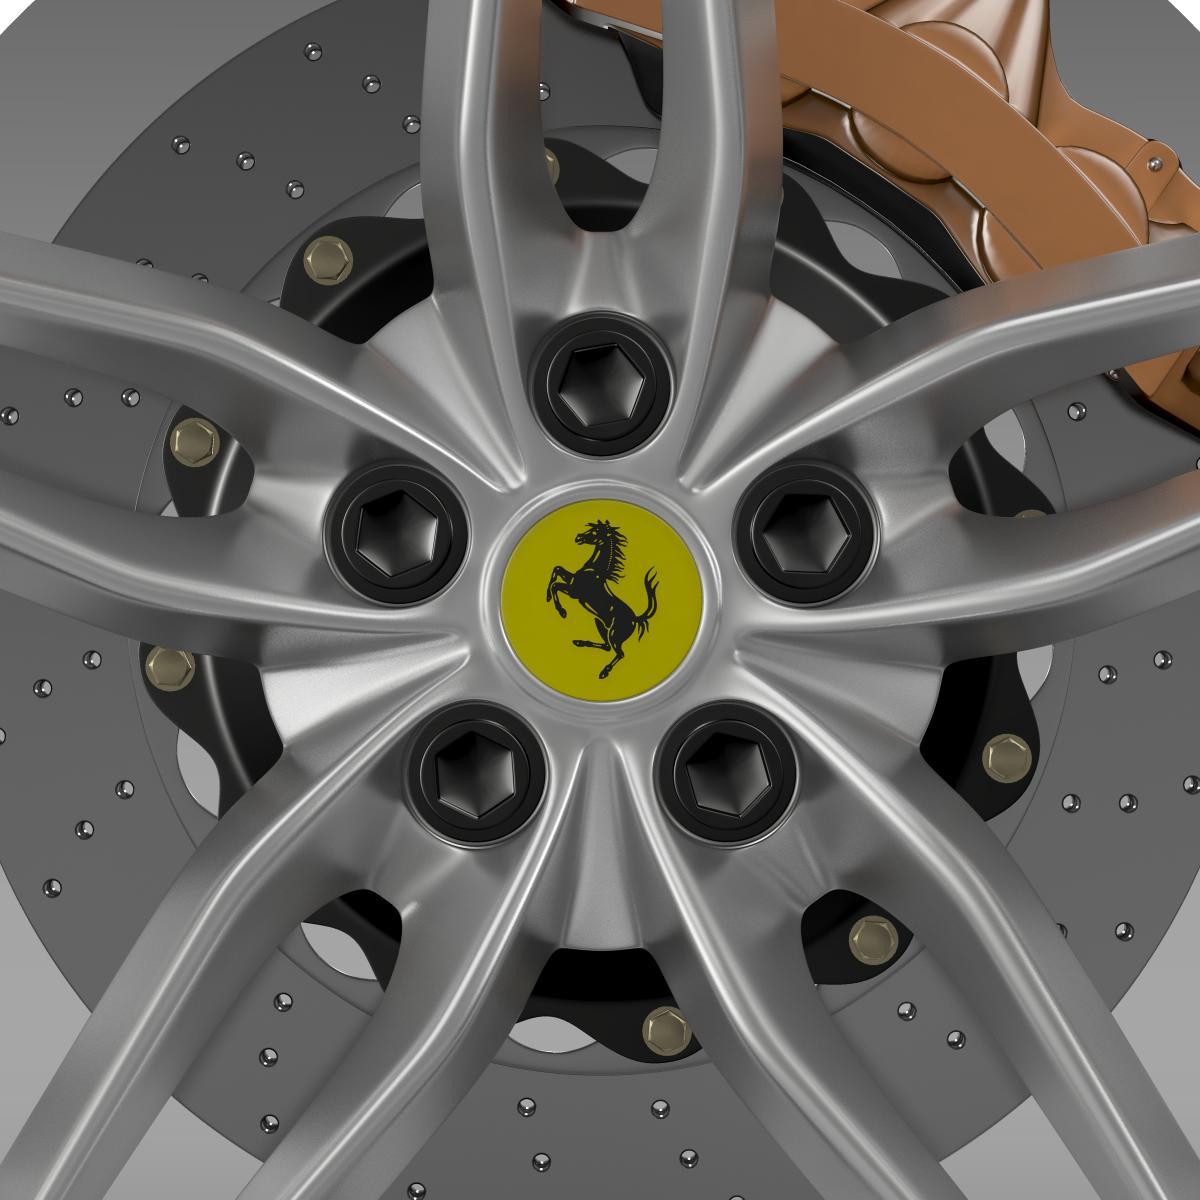 ferrari 488 gtb 2015 wheel 3d model 3ds max fbx c4d lwo ma mb hrc xsi obj 210686